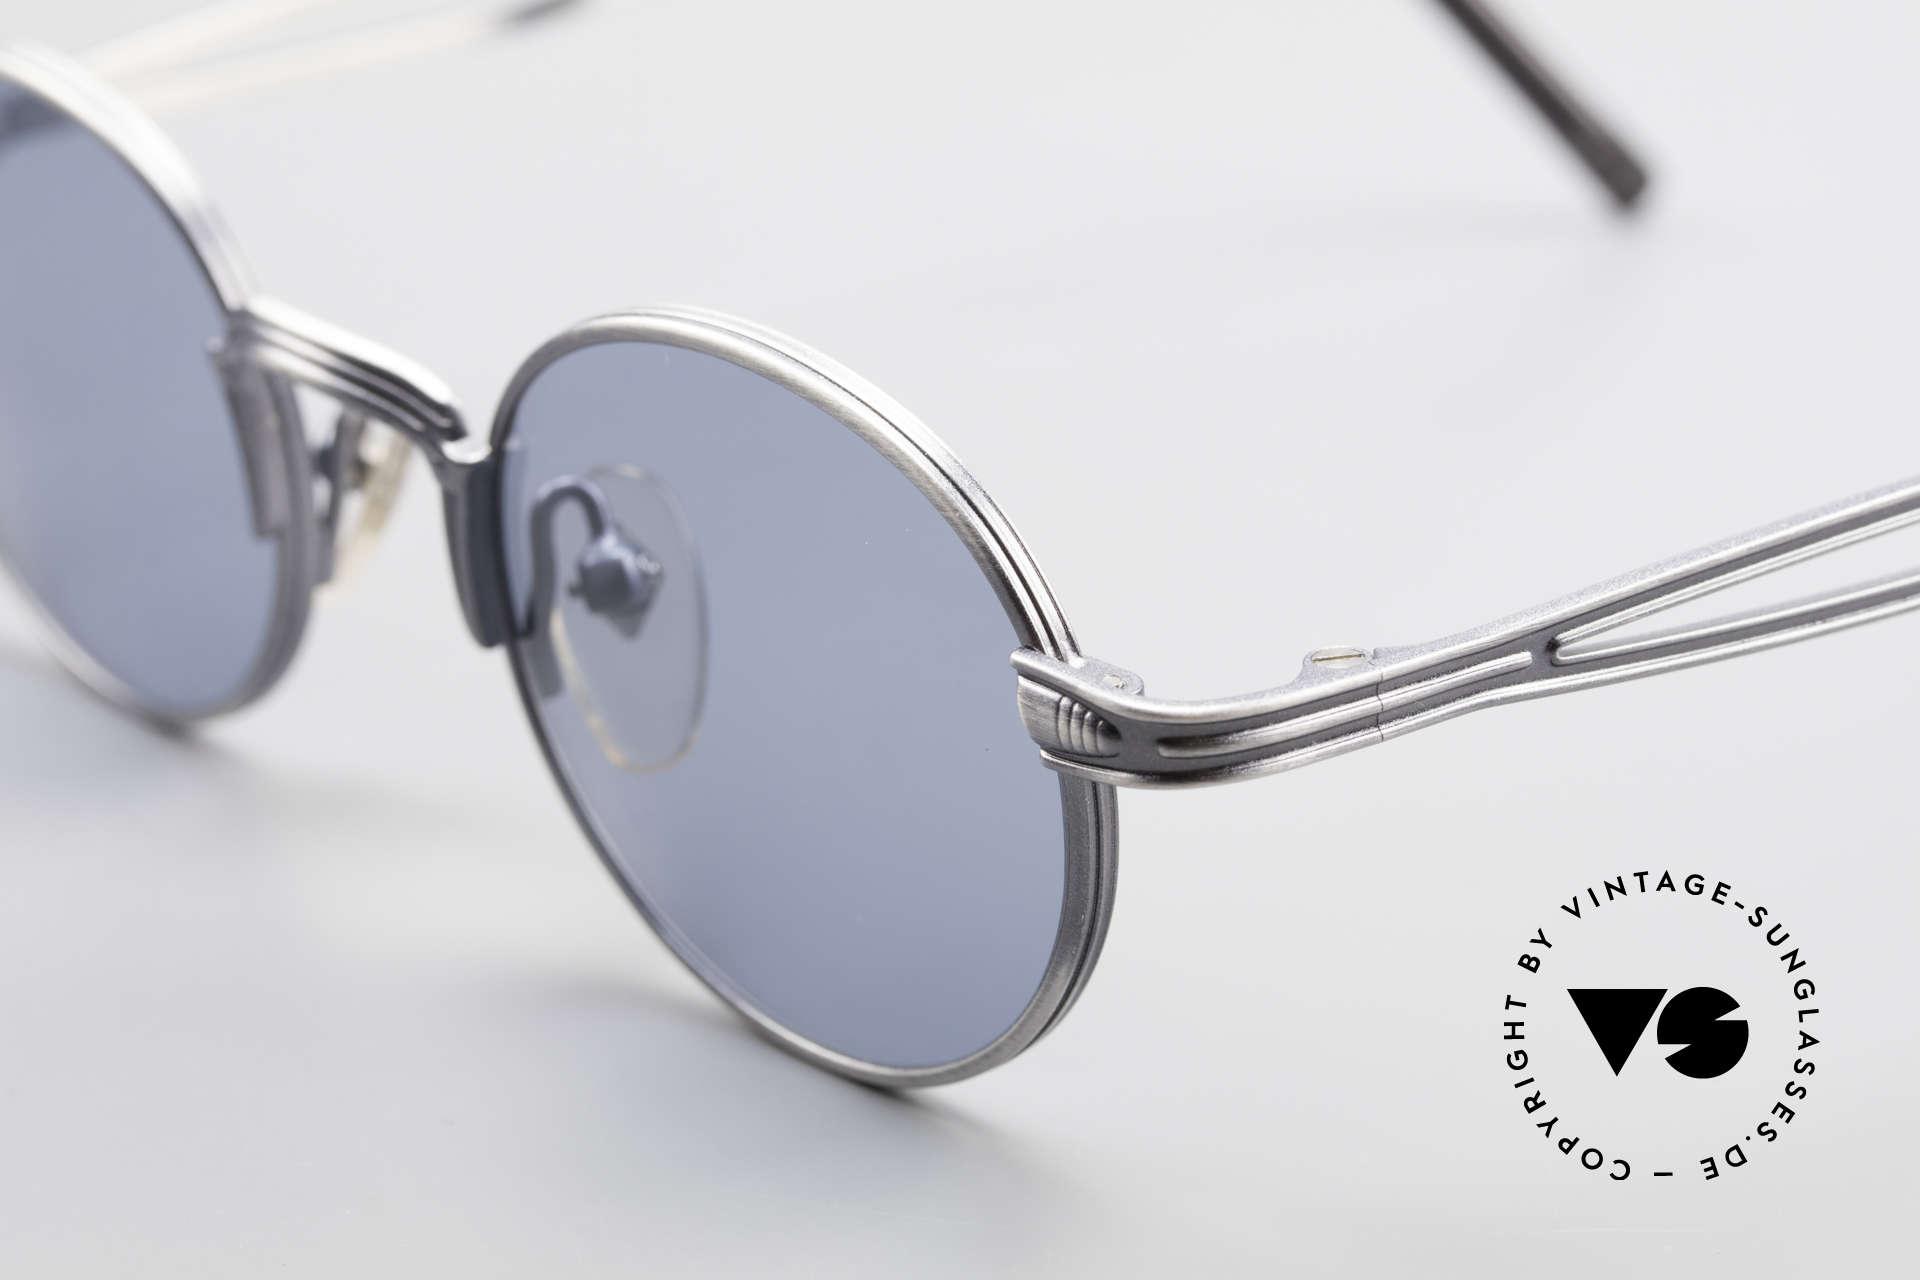 Jean Paul Gaultier 55-7107 Kleine Runde Vintage Brille, unbenutzt (wie alle unsere vintage GAULTIER Brillen), Passend für Herren und Damen